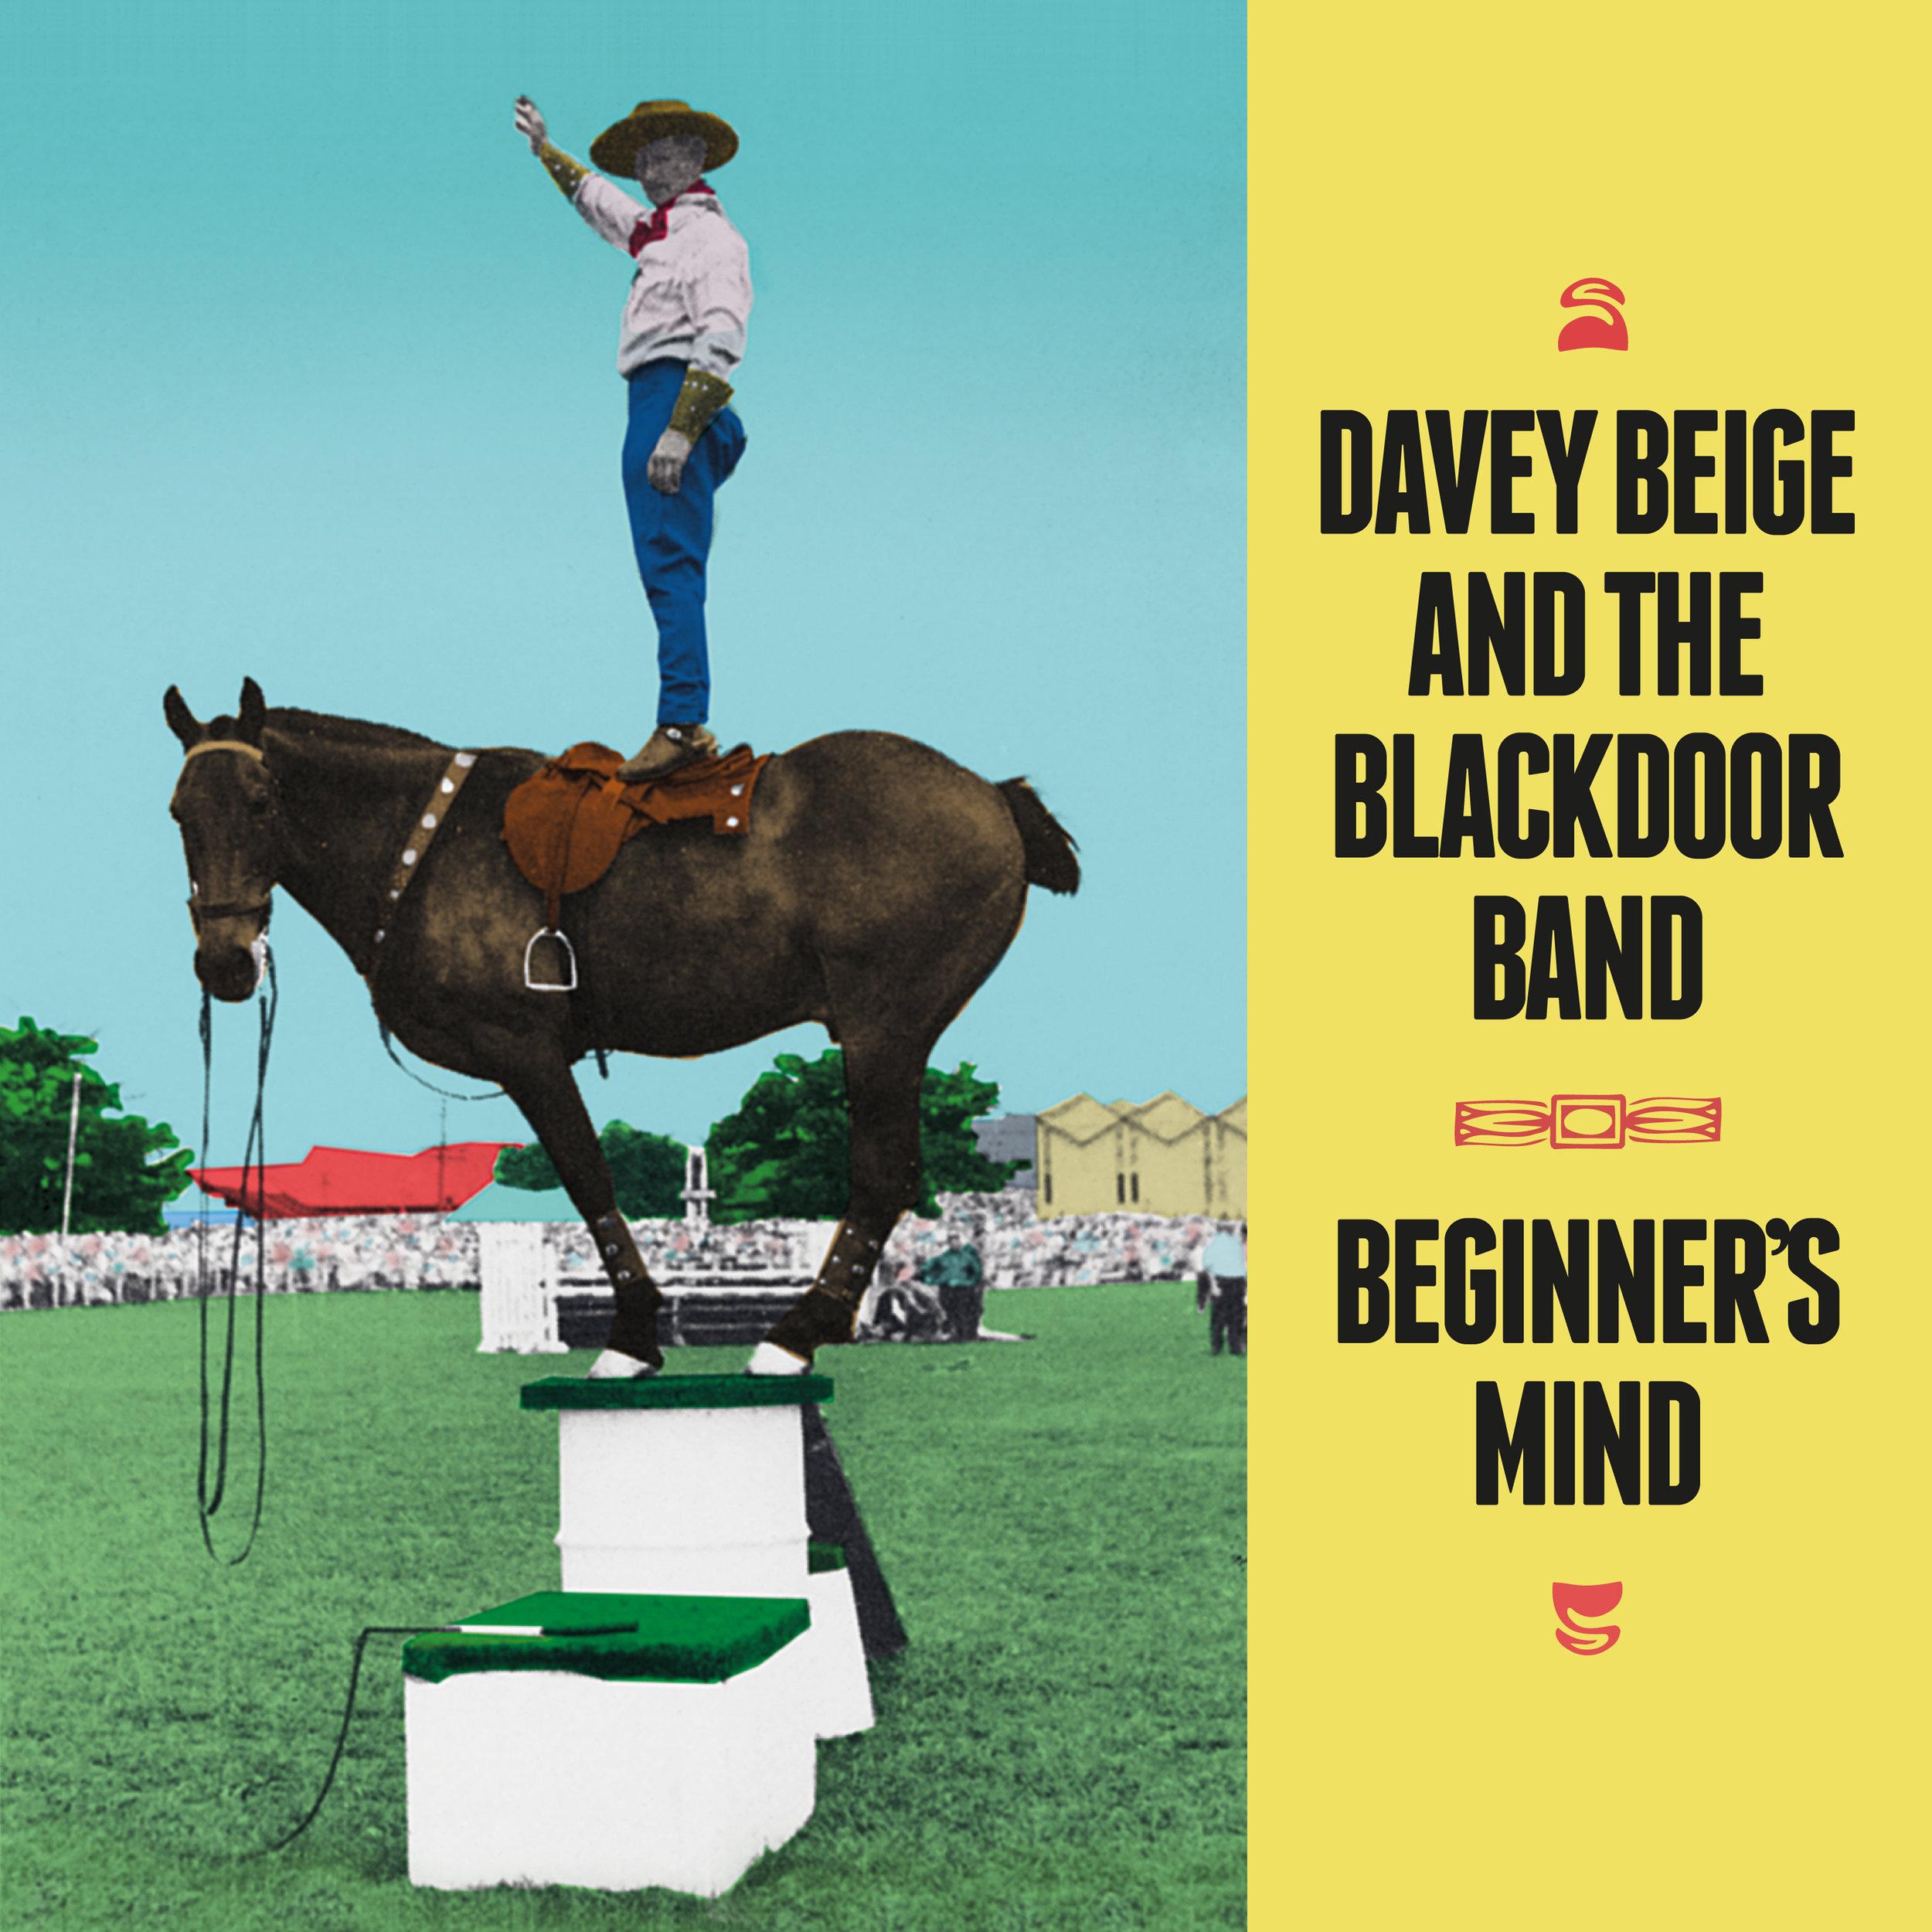 Davey Beige - Beginner's Mind Album